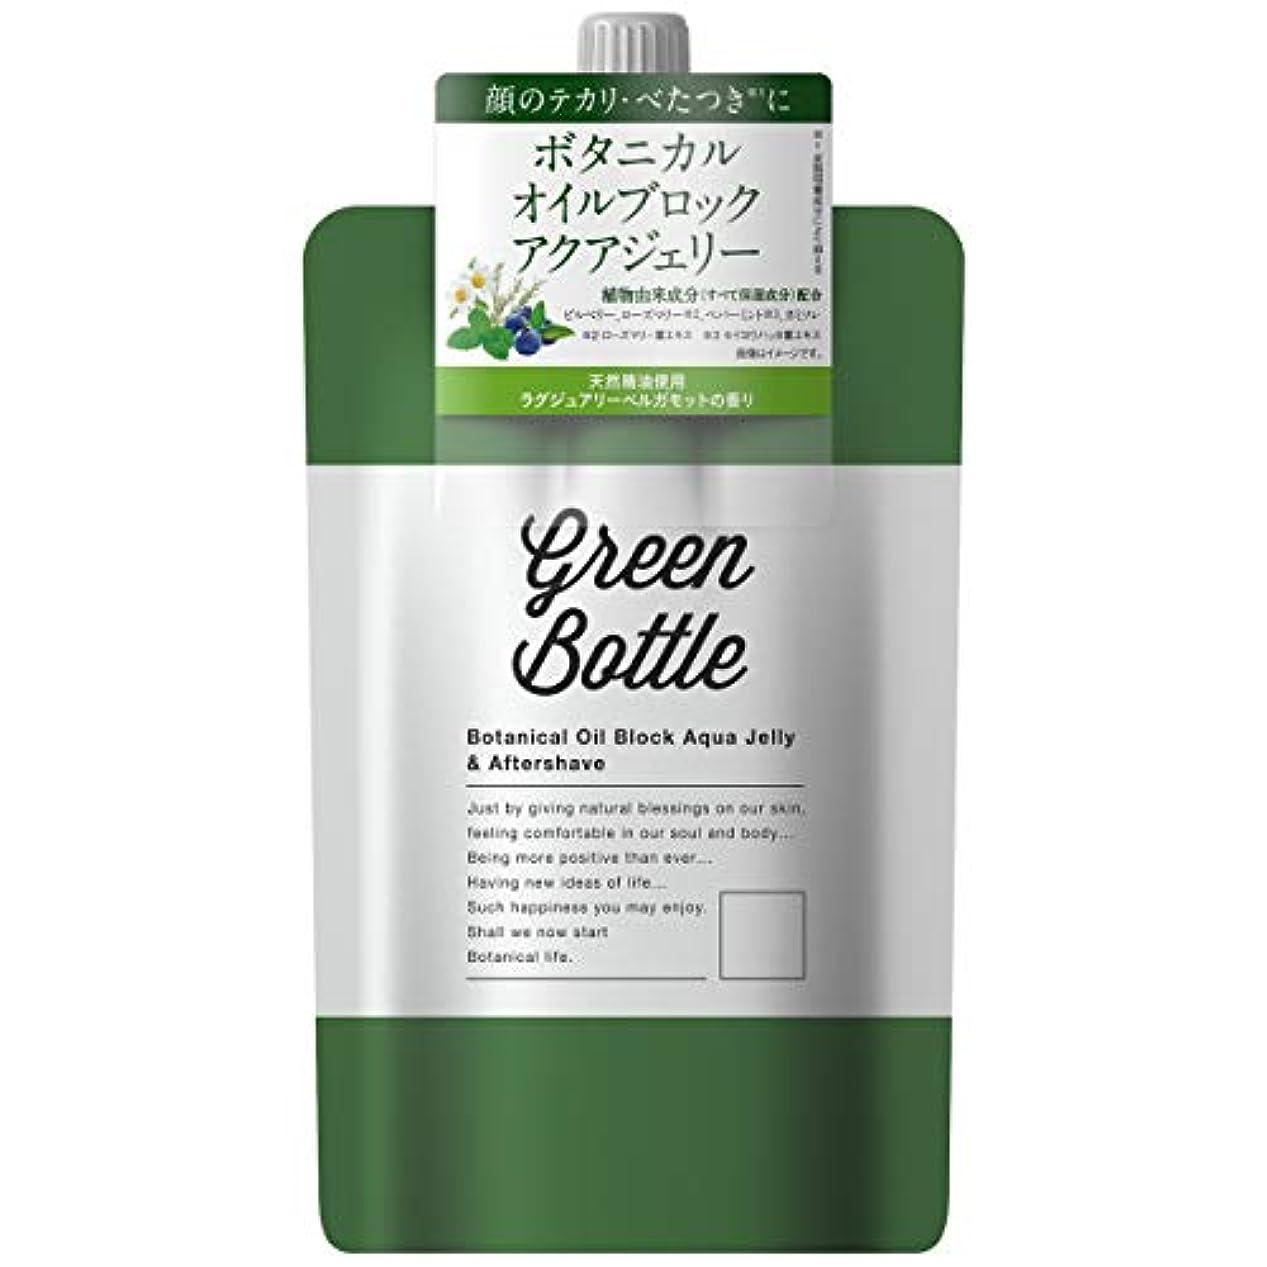 気をつけて軍花火グリーンボトルボタニカル グリーンボトル ボタニカルオイルブロックアクアジェリー 化粧水 ラグジュアリーベルガモットの香り 150g